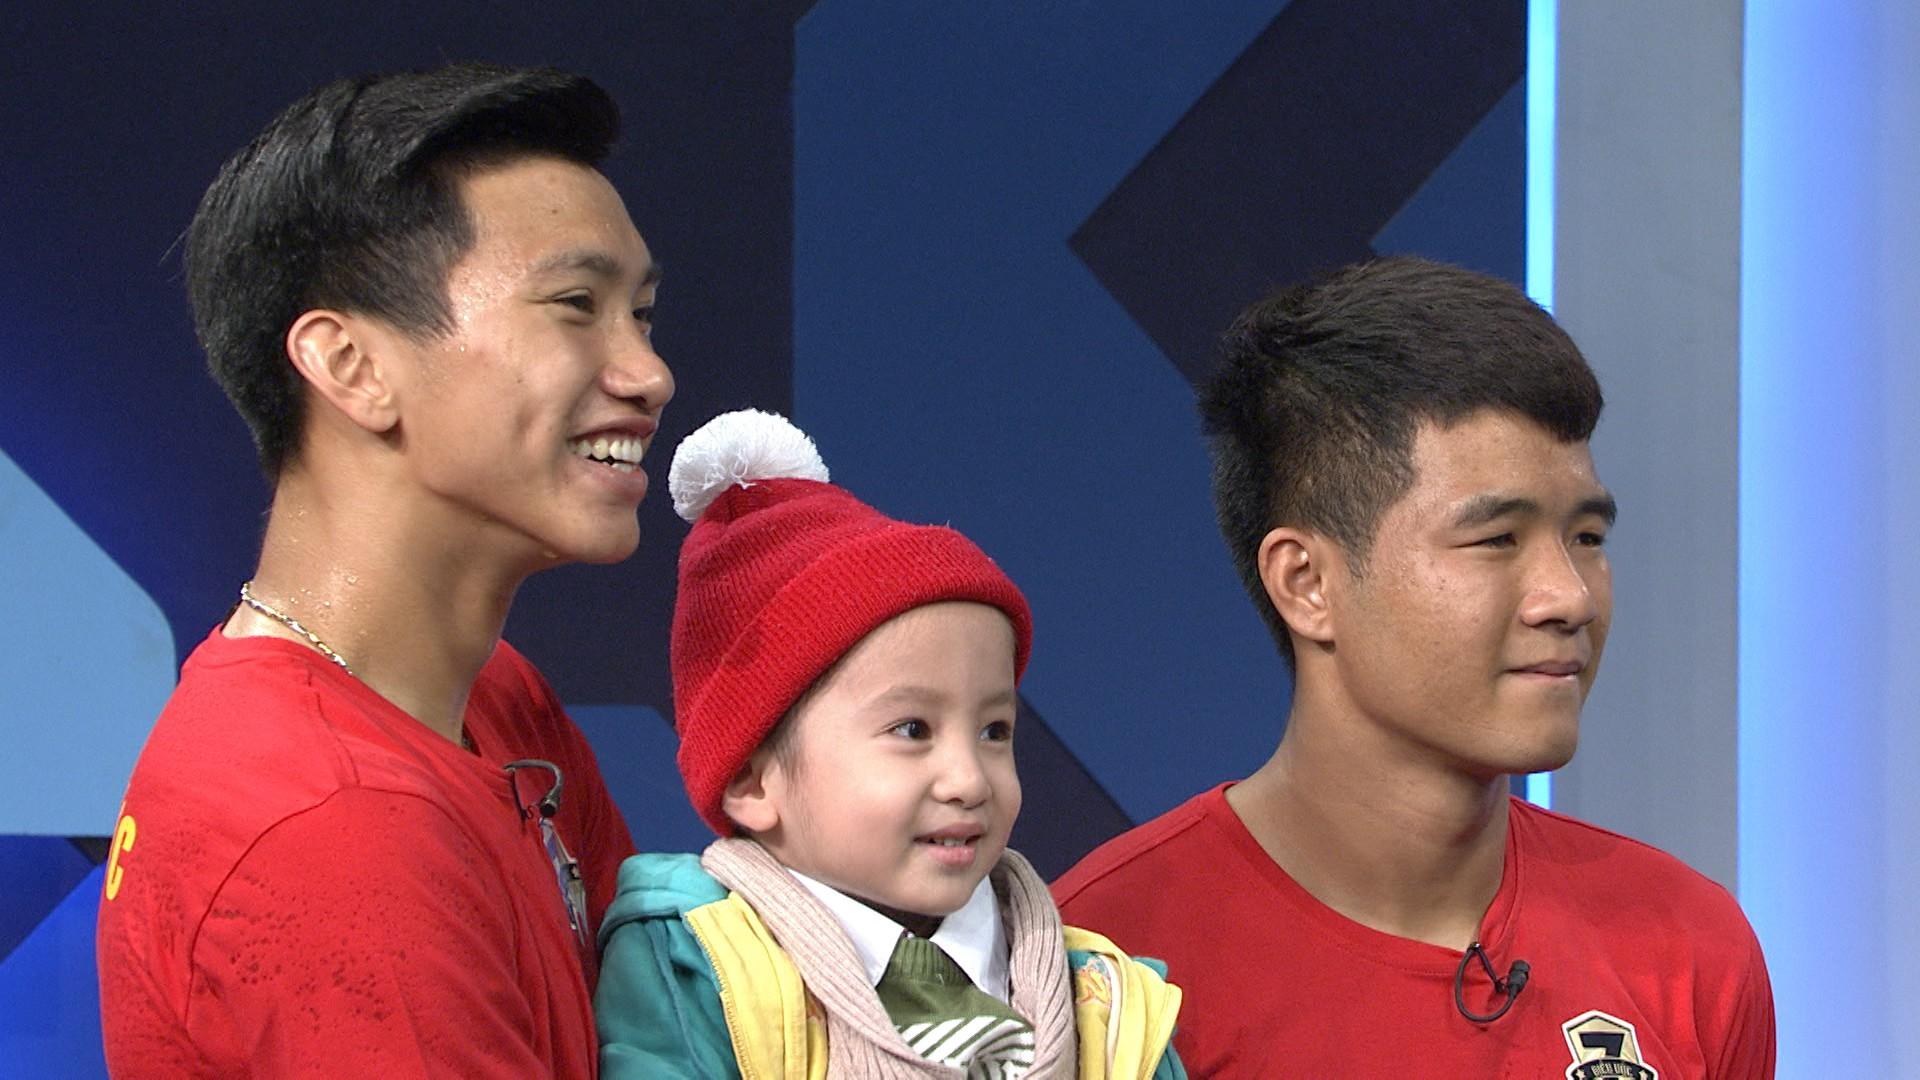 Quang Hải, Đức Chinh bật khóc trong cuộc gặp gỡ xúc động với cậu bé 4 tuổi bị ung thư não trước trận chung kết AFF Cup 2018 - Ảnh 3.